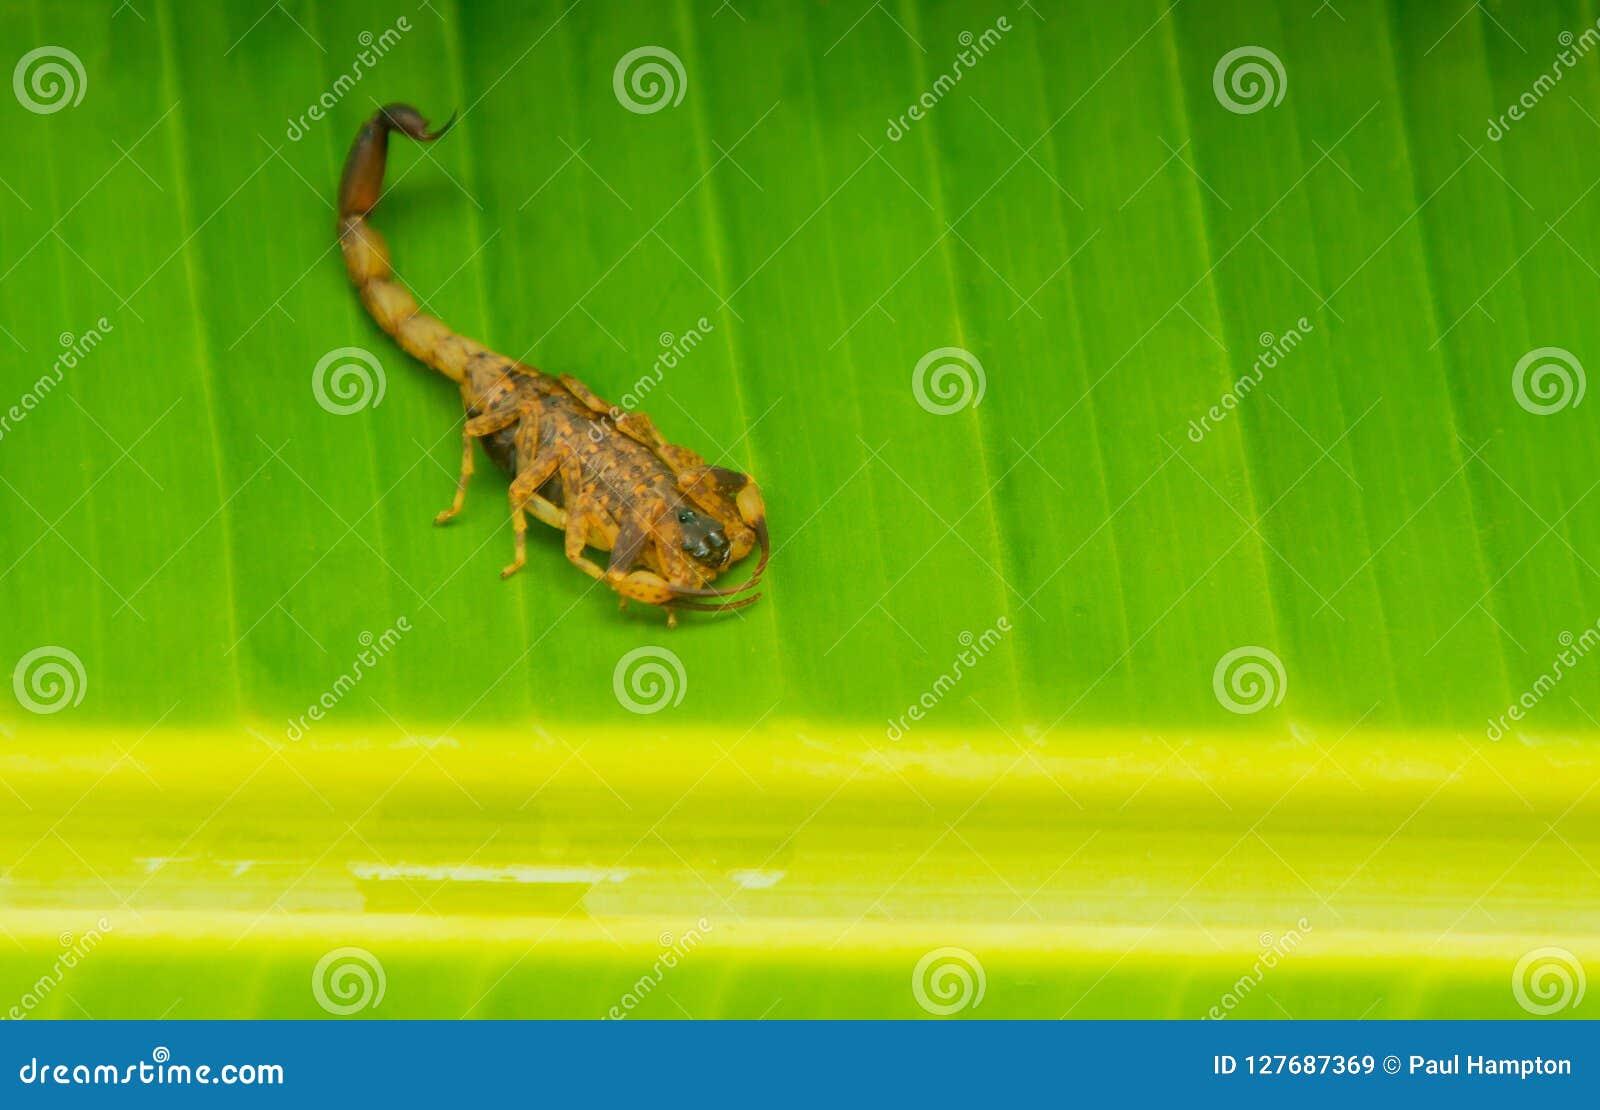 Σκορπιών πράσινο υπόβαθρο σκορπιών Tityus Smithii κίτρινο